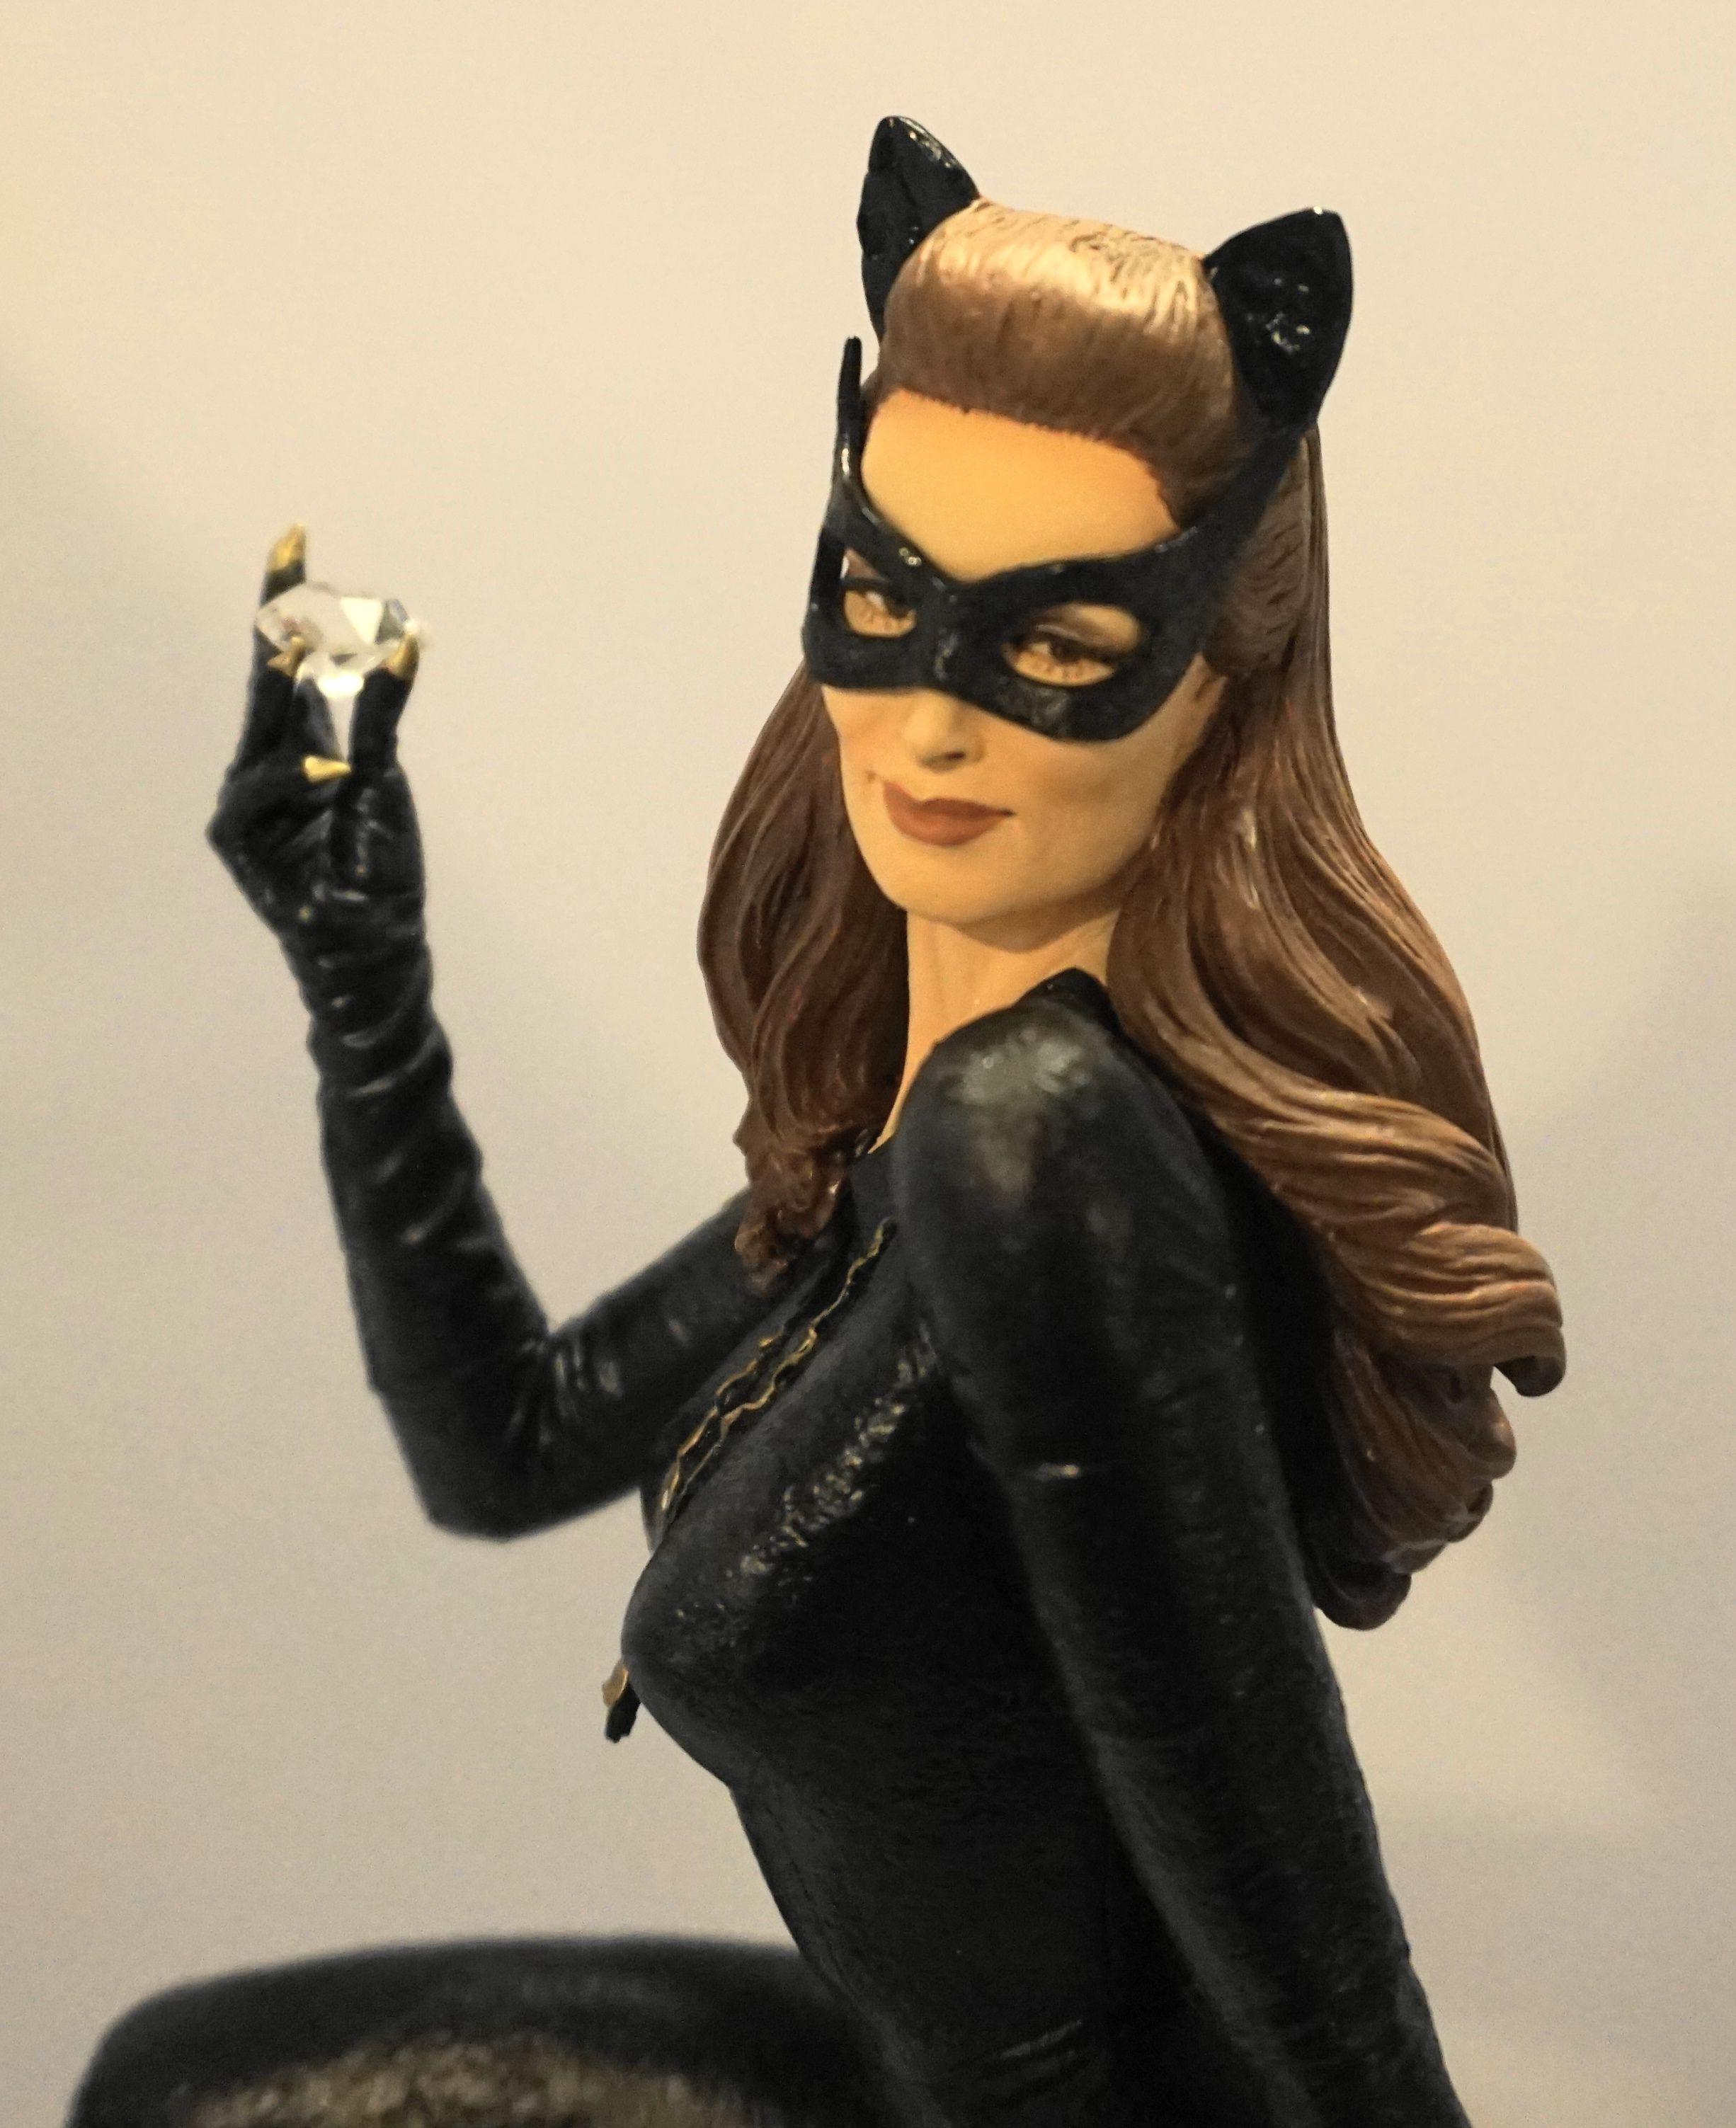 Batman Classics Julie Newmar as Catwoman Maquette